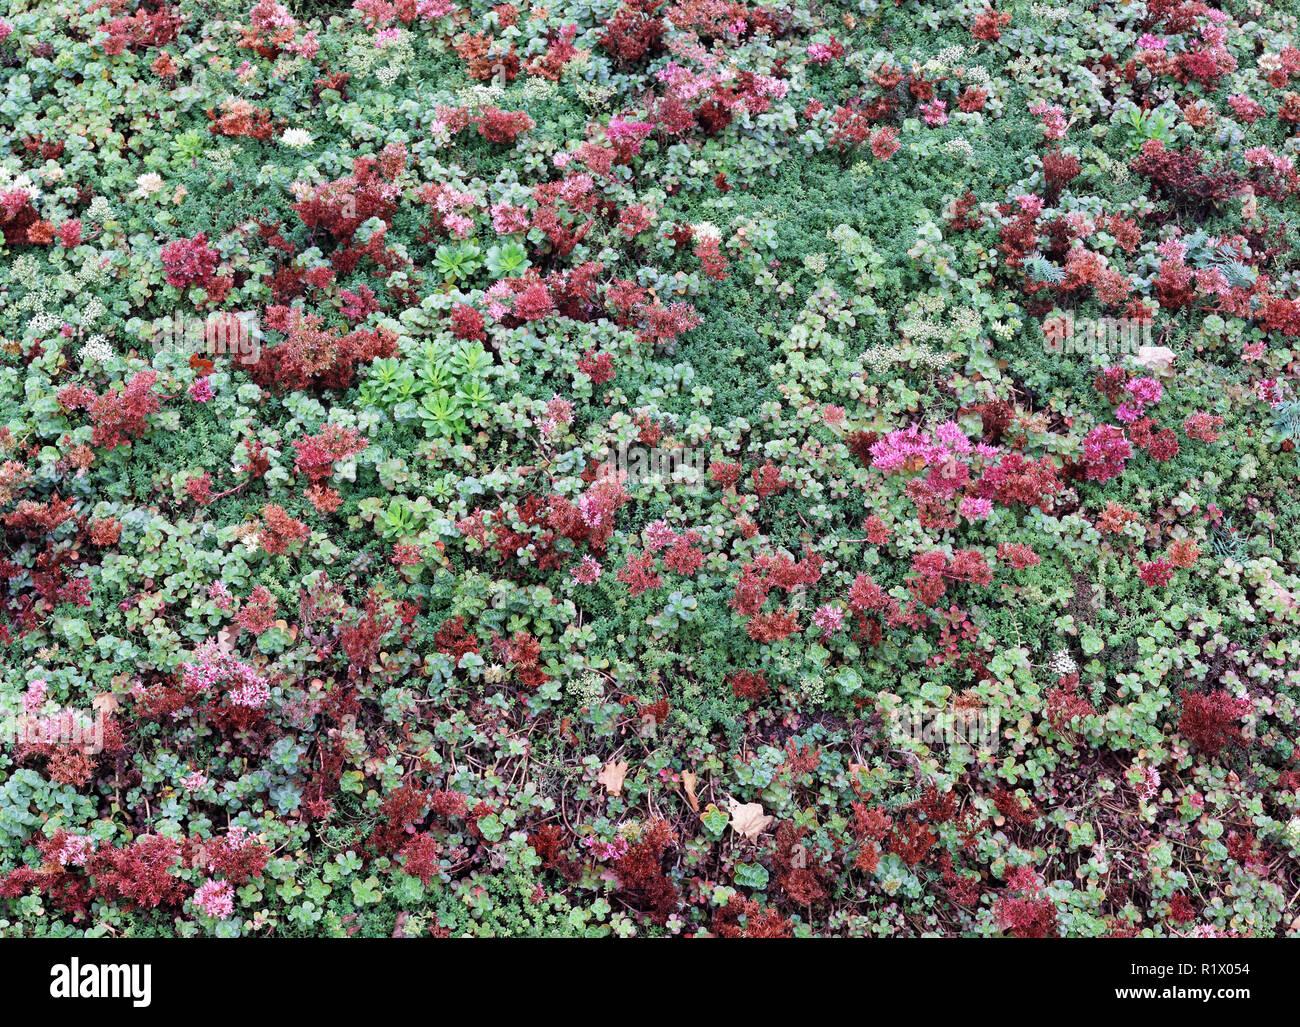 Piante Grasse Da Giardino giardino di piante grasse e fiori vista dall alto 2. collage